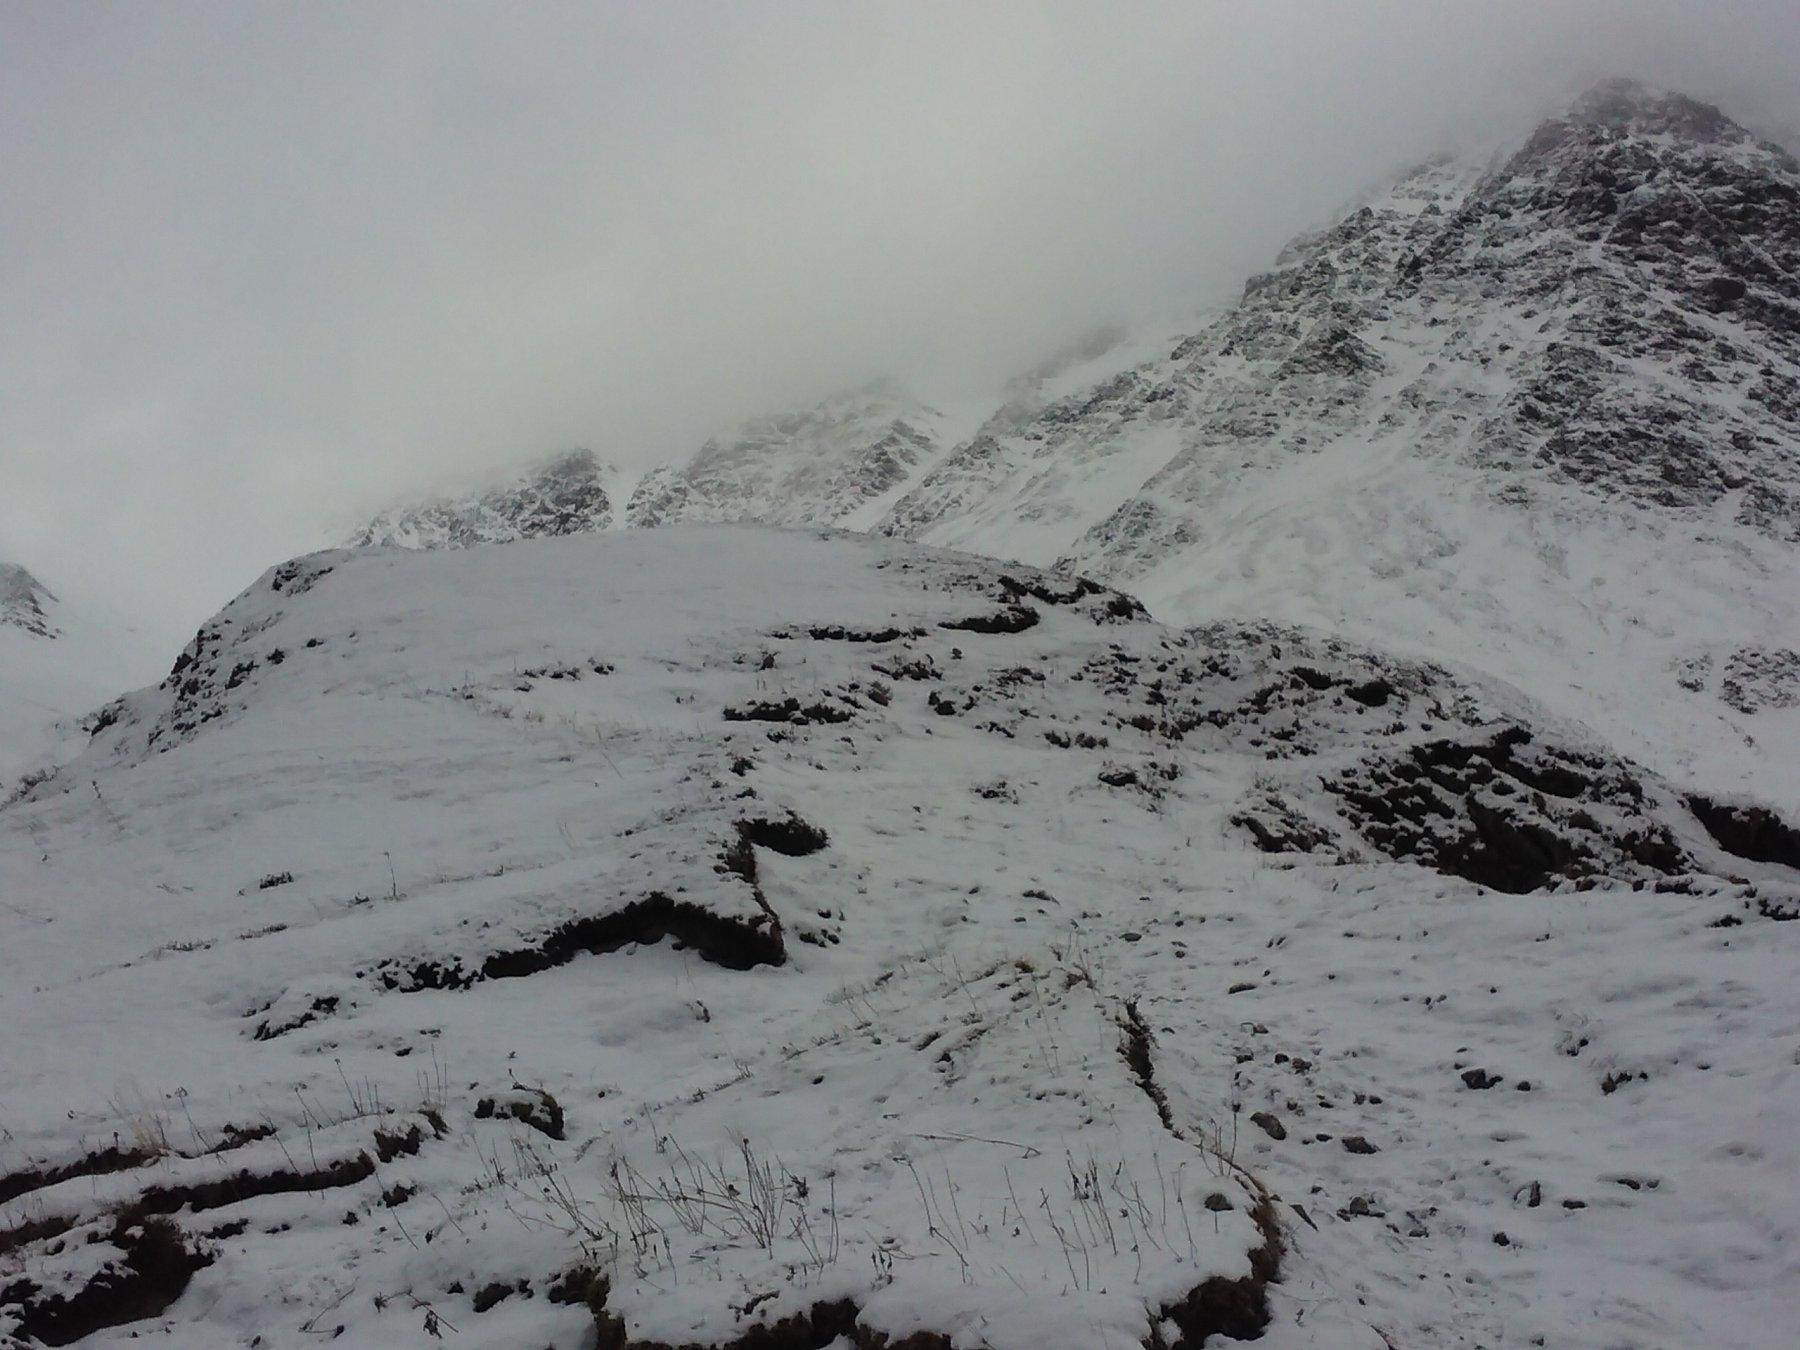 In centro, appena usciti dalle Barricate, il bivio (poco visibile sotto neve) fra il sentiero che risale il vallone e quello che scende al torrente.